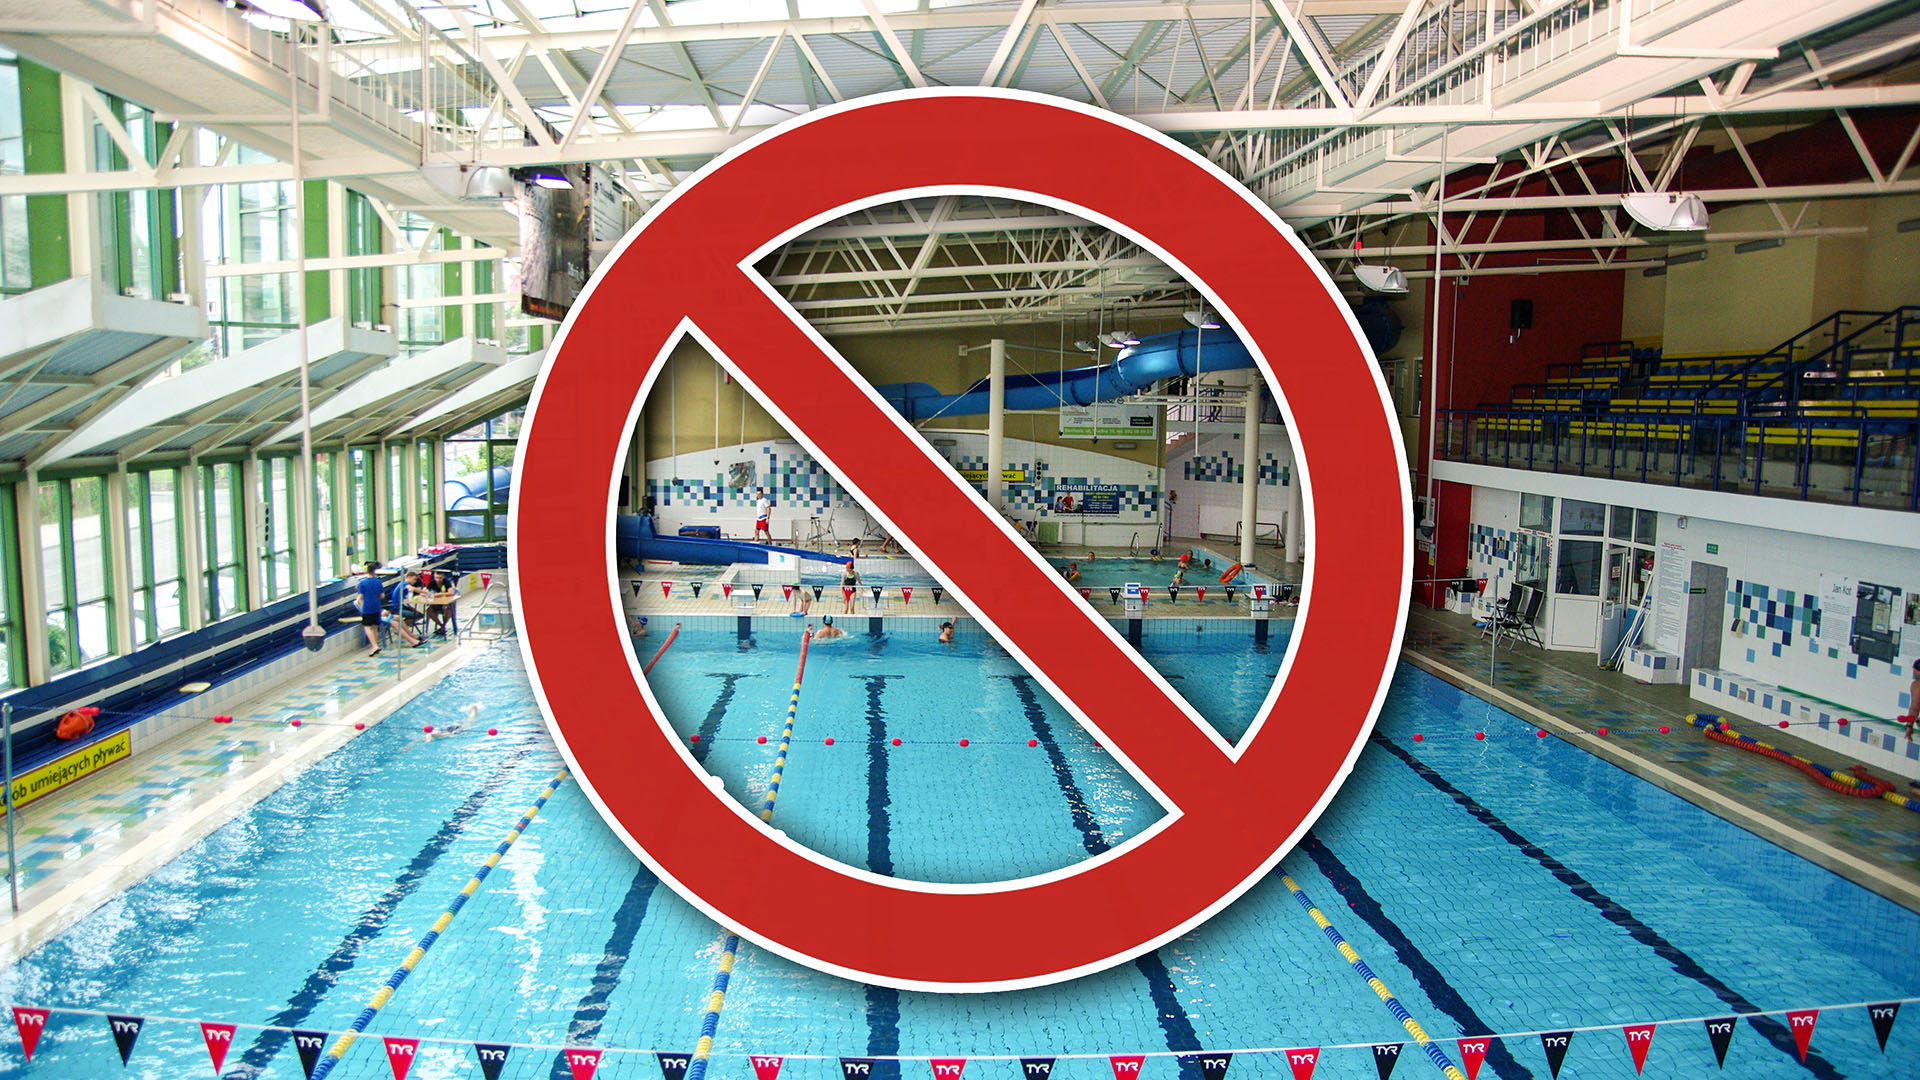 Od 6 kwietnia kolejne ograniczenie na pływalni